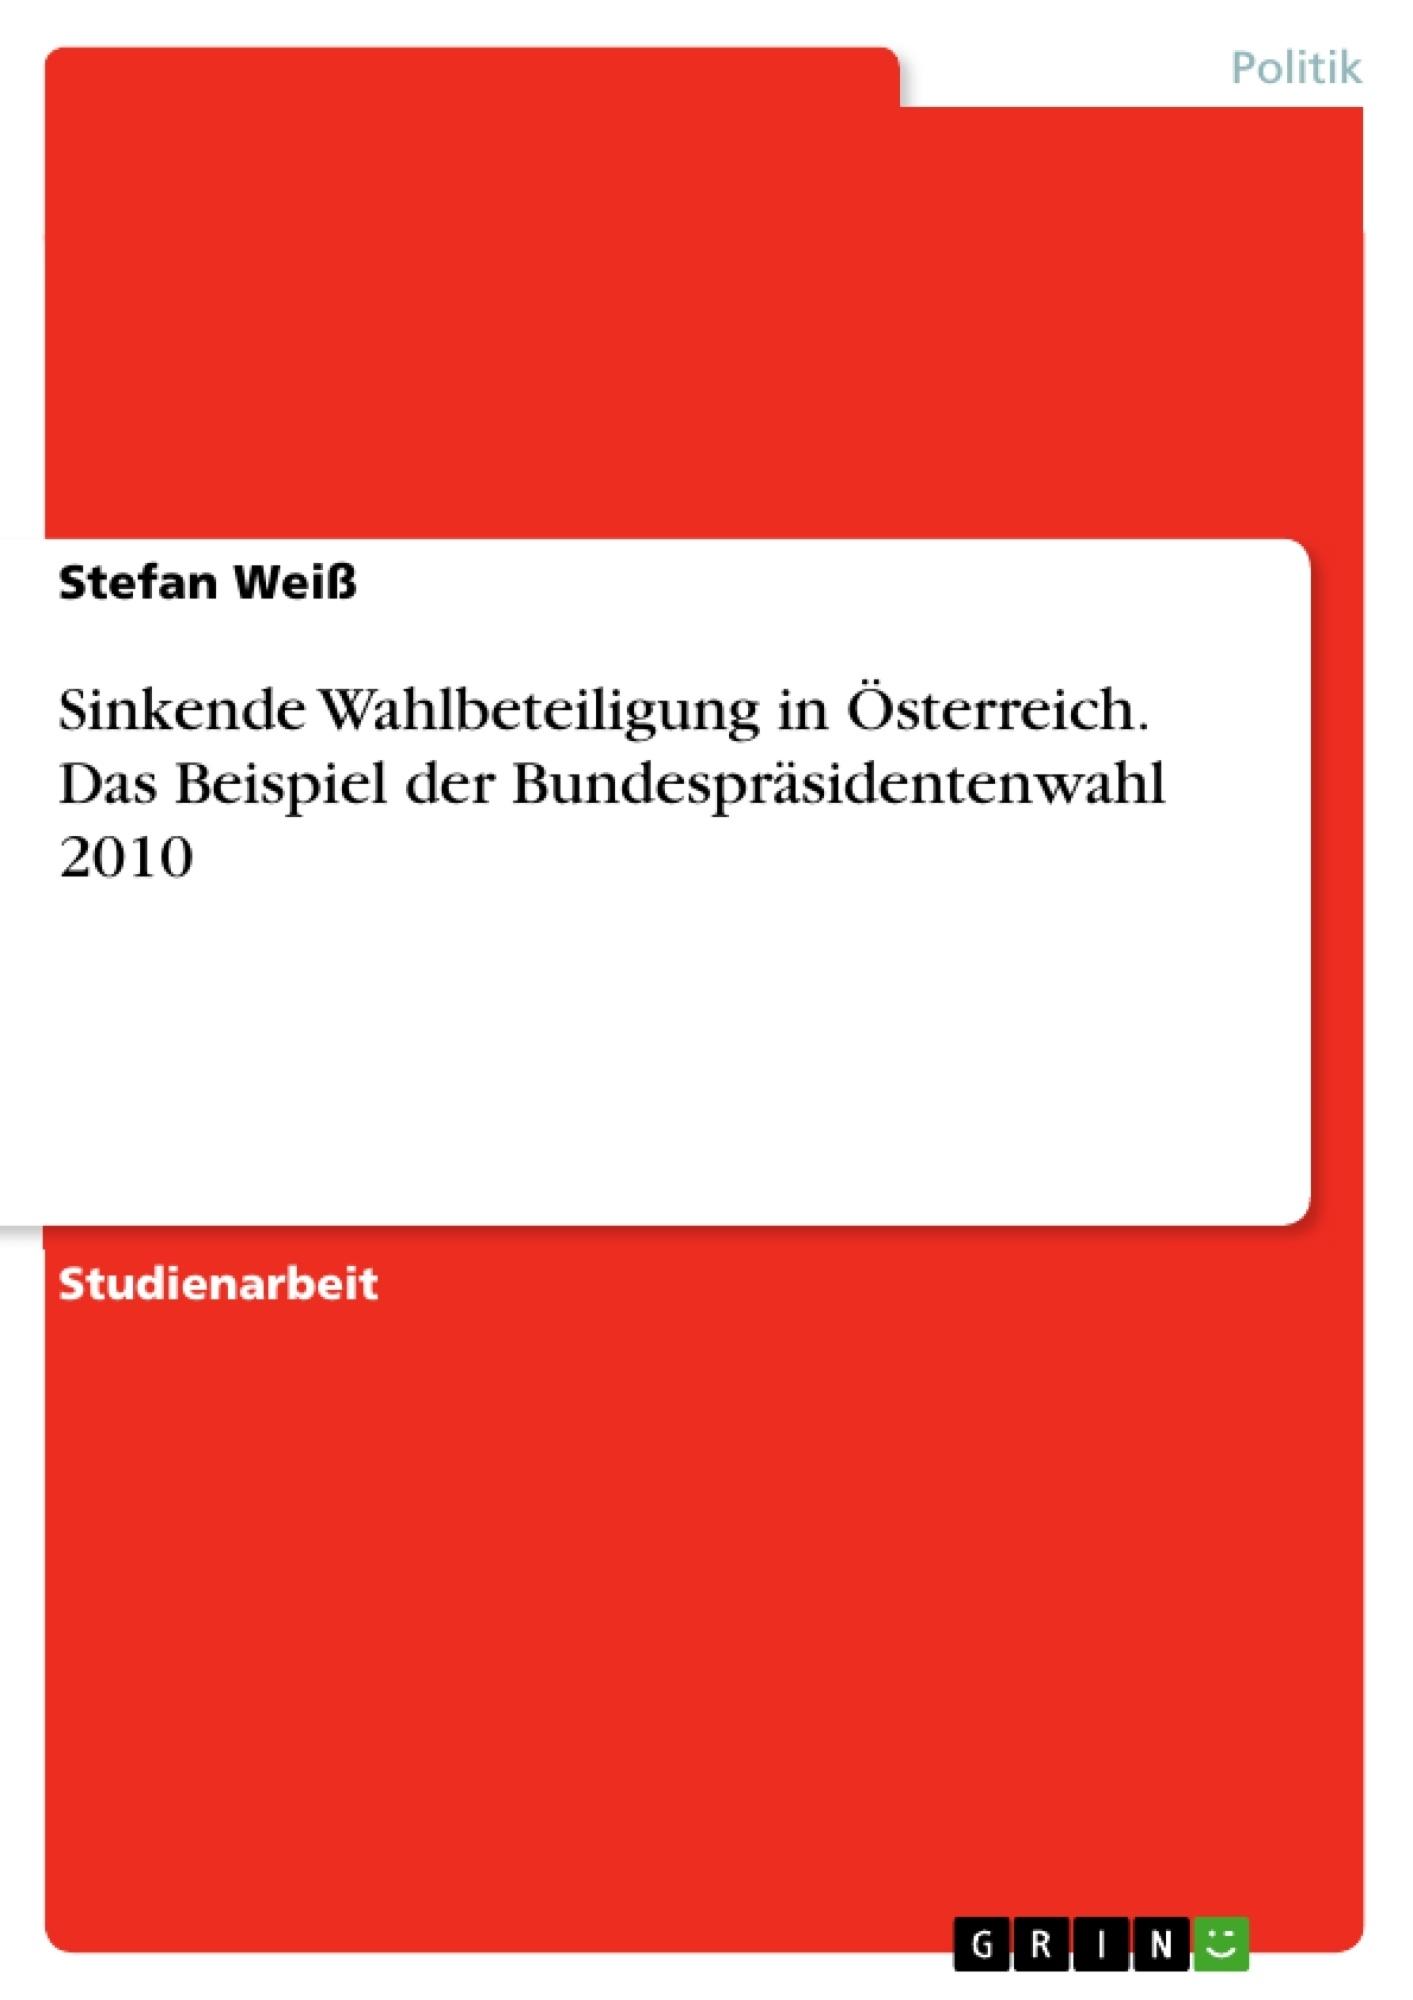 Titel: Sinkende Wahlbeteiligung in Österreich. Das Beispiel der Bundespräsidentenwahl 2010